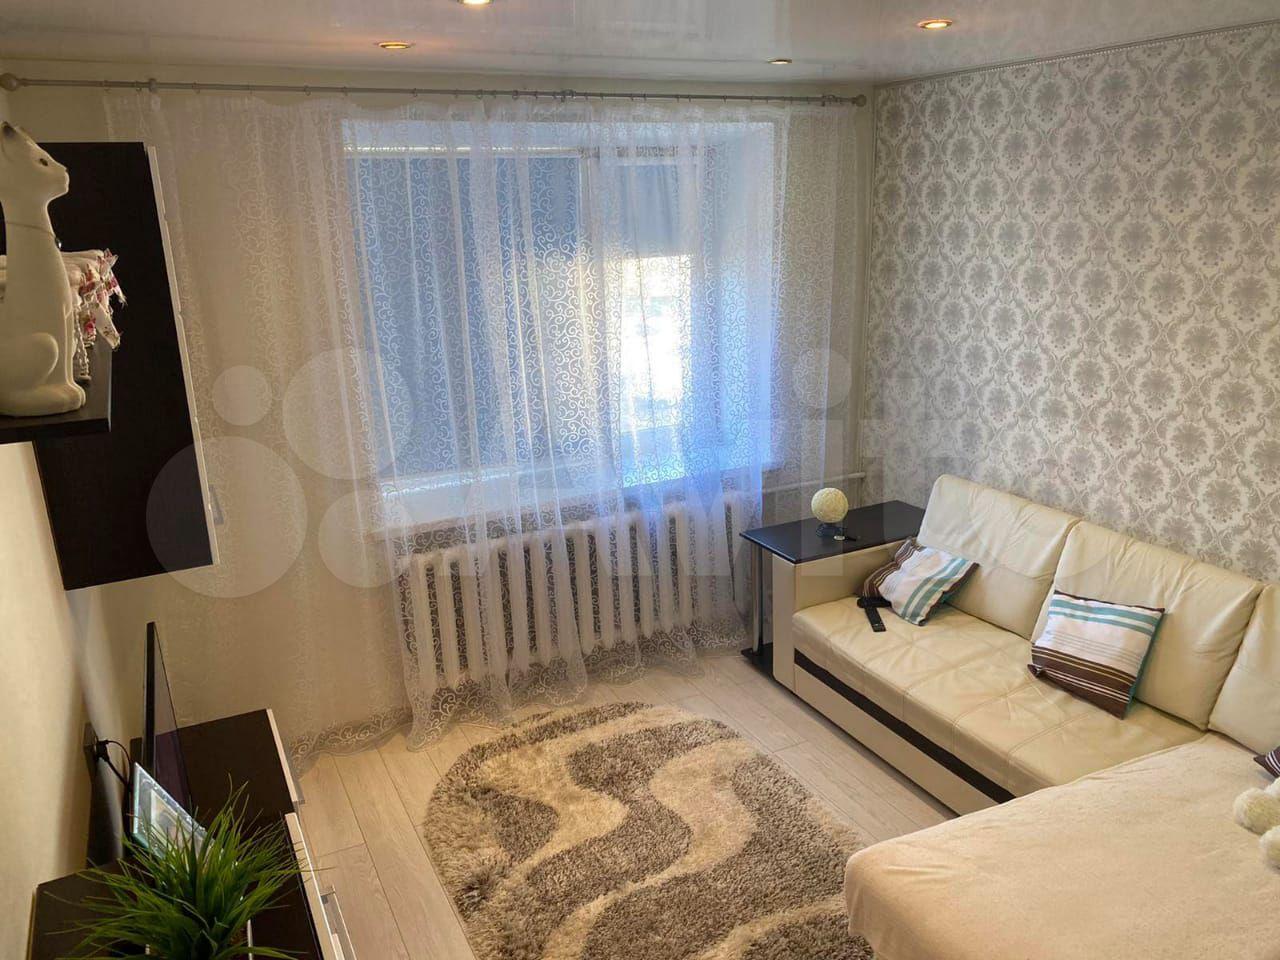 9-к, 5/5 эт. в Петрозаводске> Комната 18 м² в > 9-к, 5/5 эт.  88142636727 купить 3